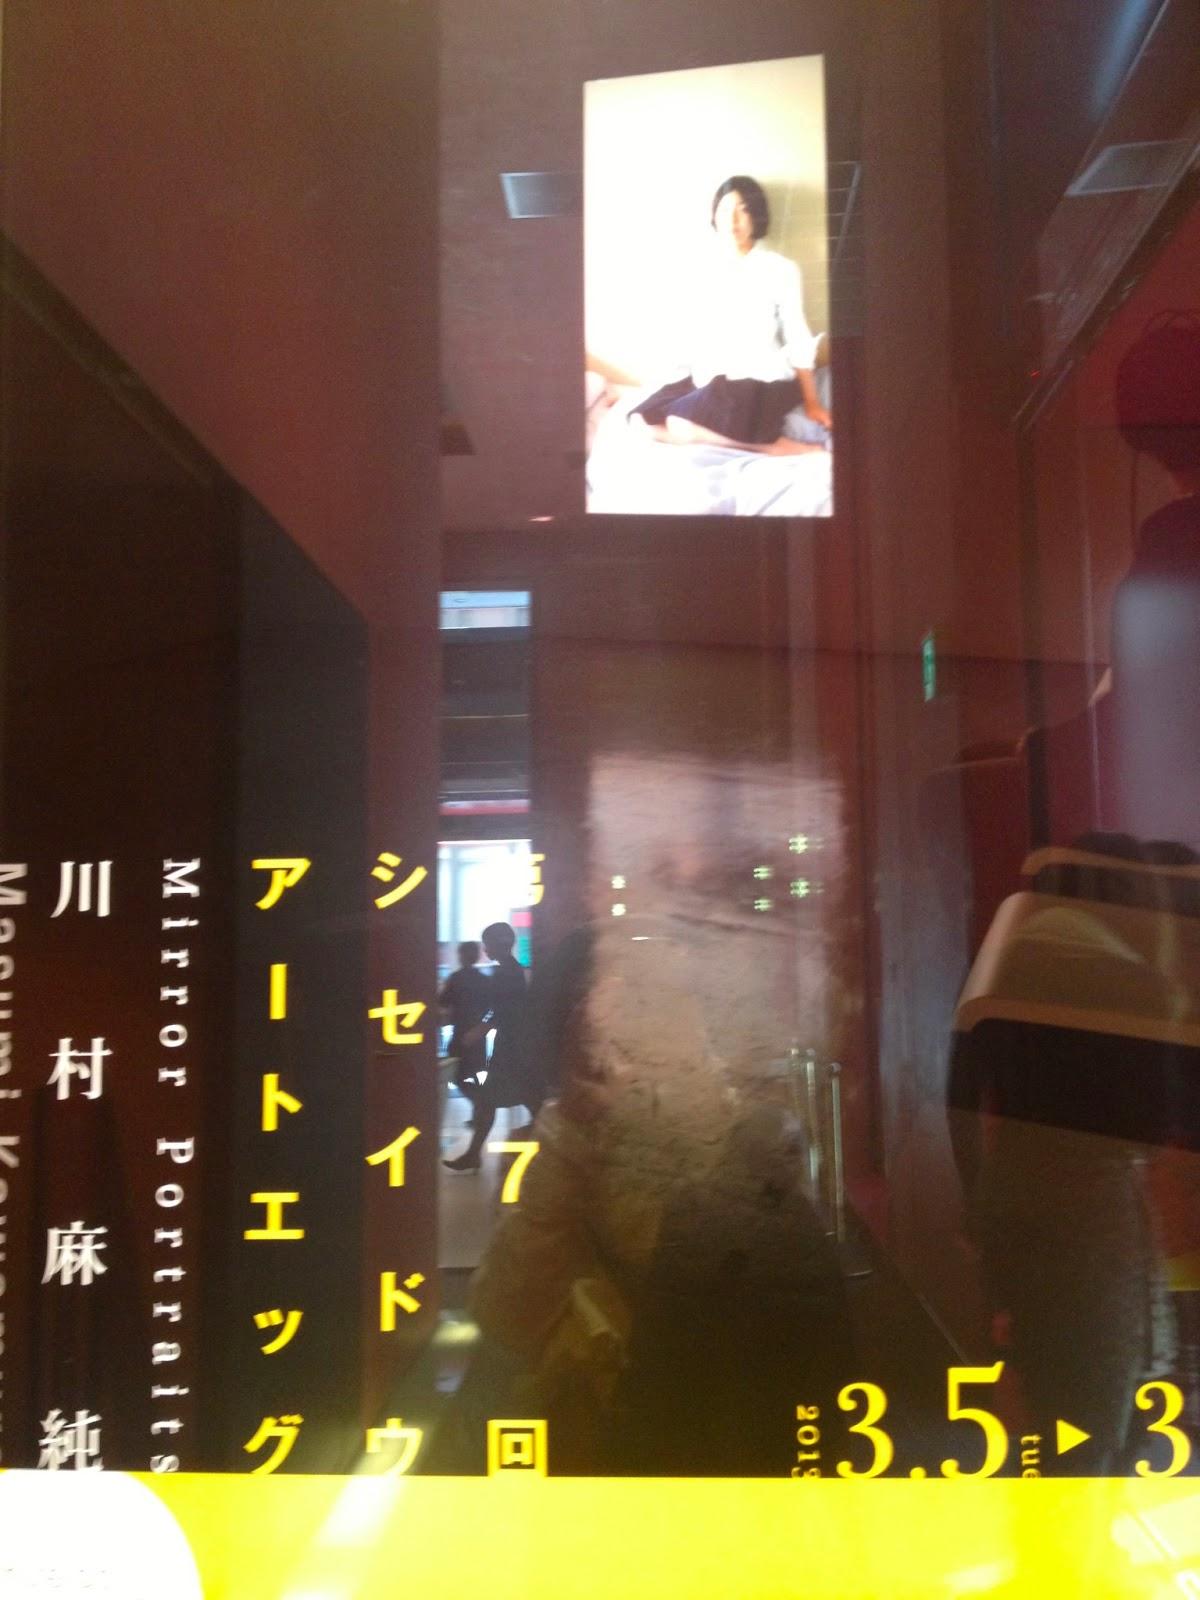 funarumi's memo pad: 日本の民...